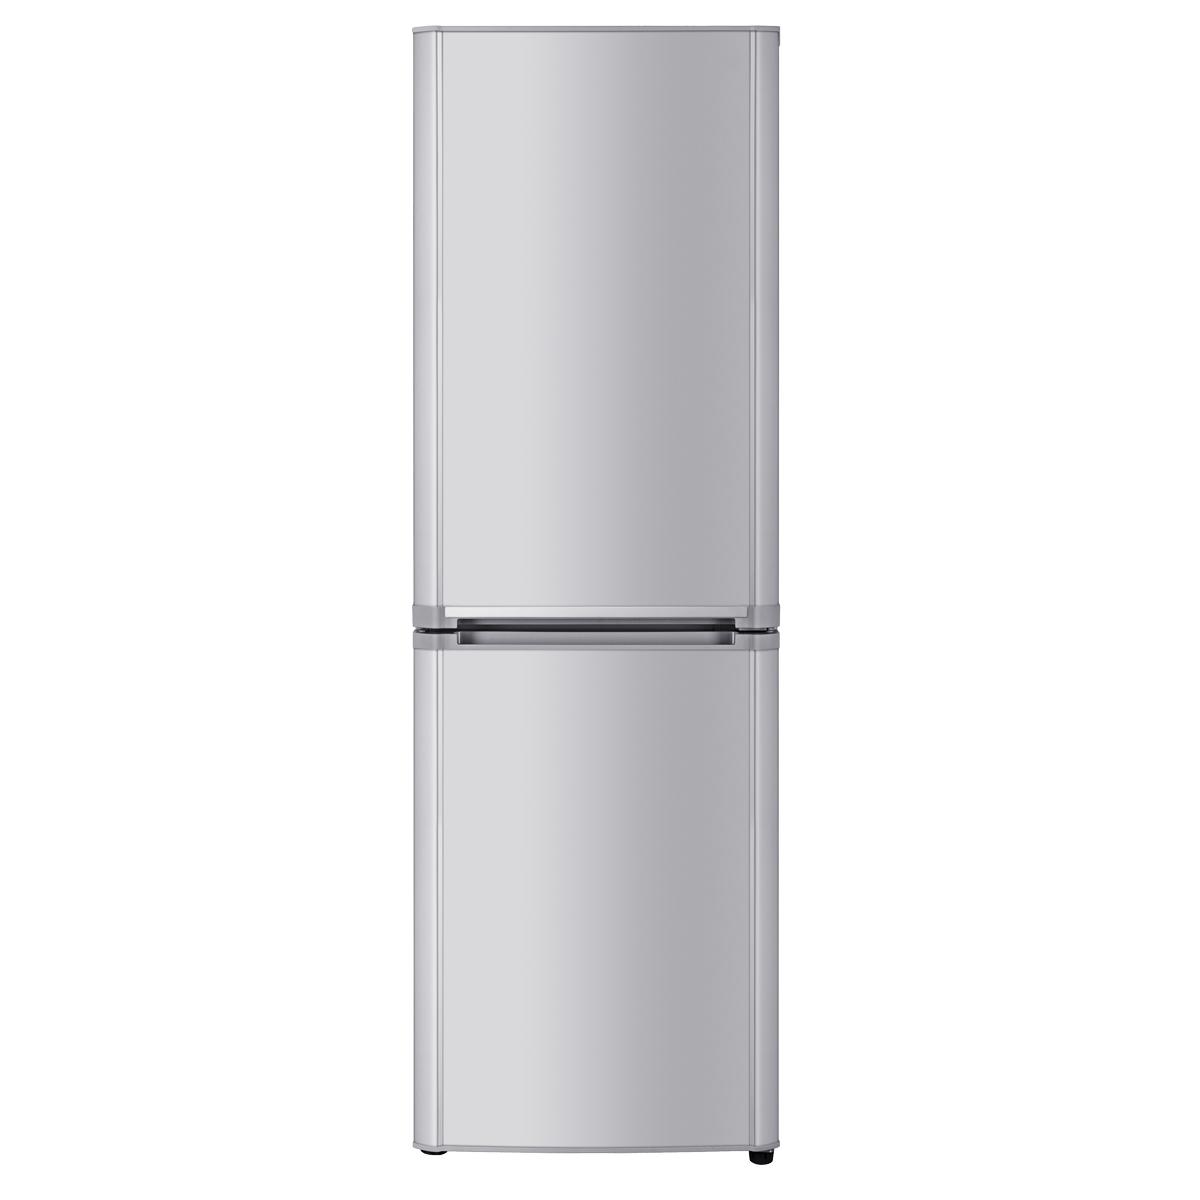 海尔Haier冰箱 BCD-186KB 说明书